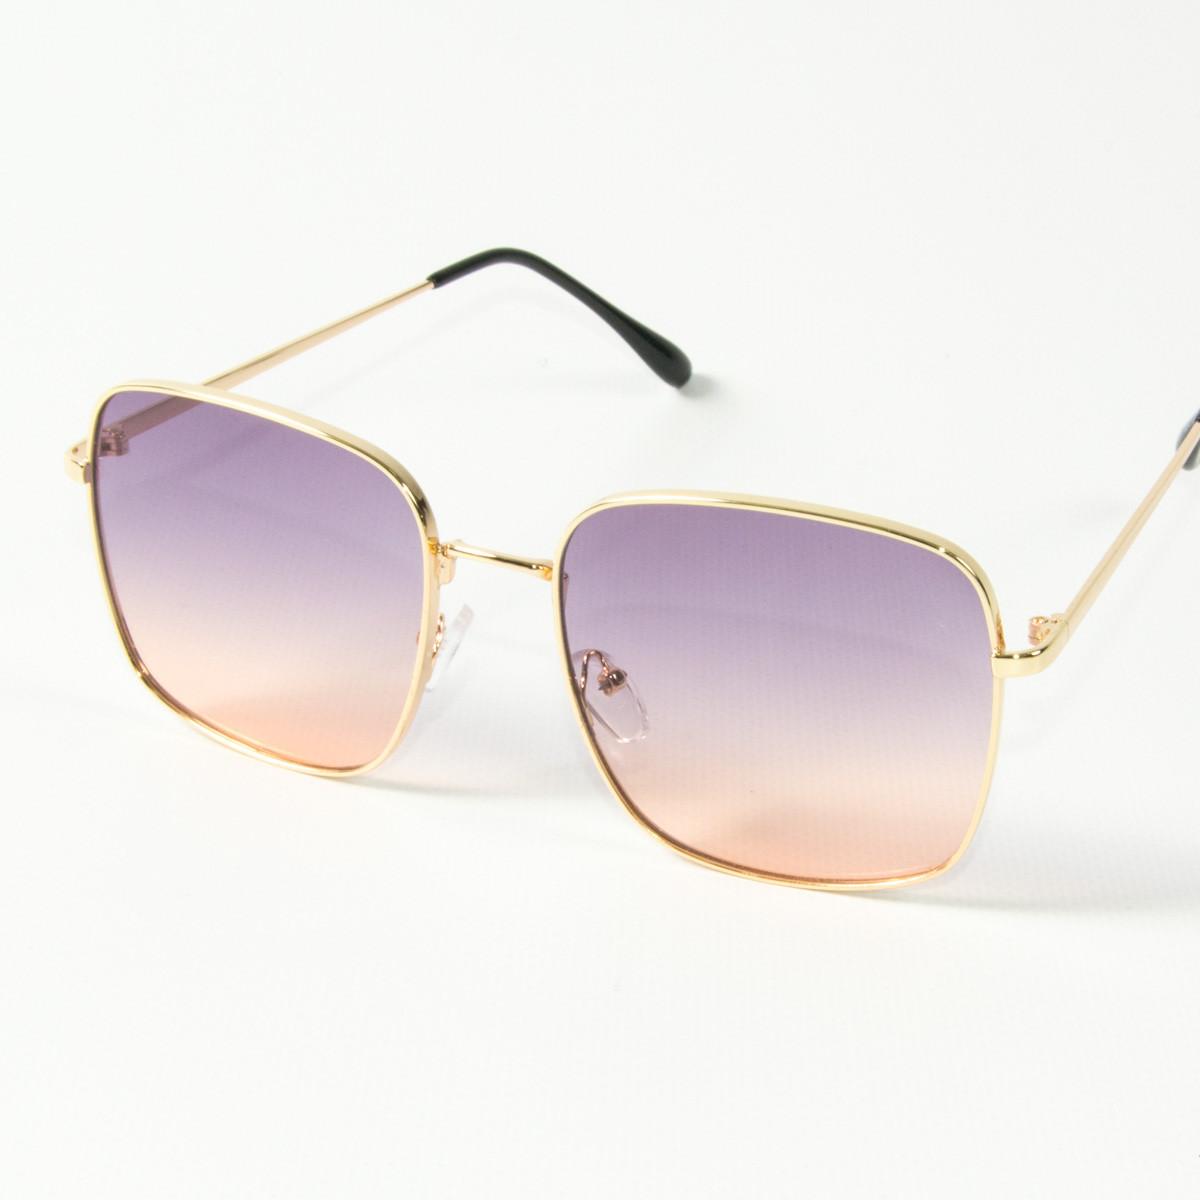 Оптом квадратные  солнцезащитные очки (арт. 80-661/3) фиолетово-розовые